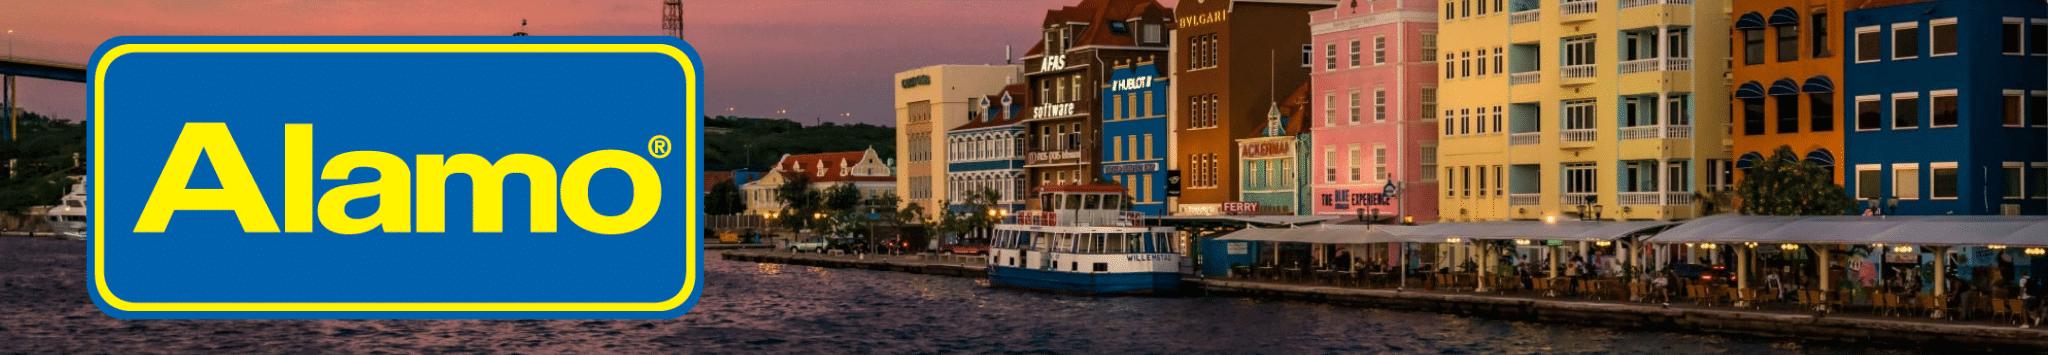 Alamo Car Rental Curaçao | Dive Travel Curaçao